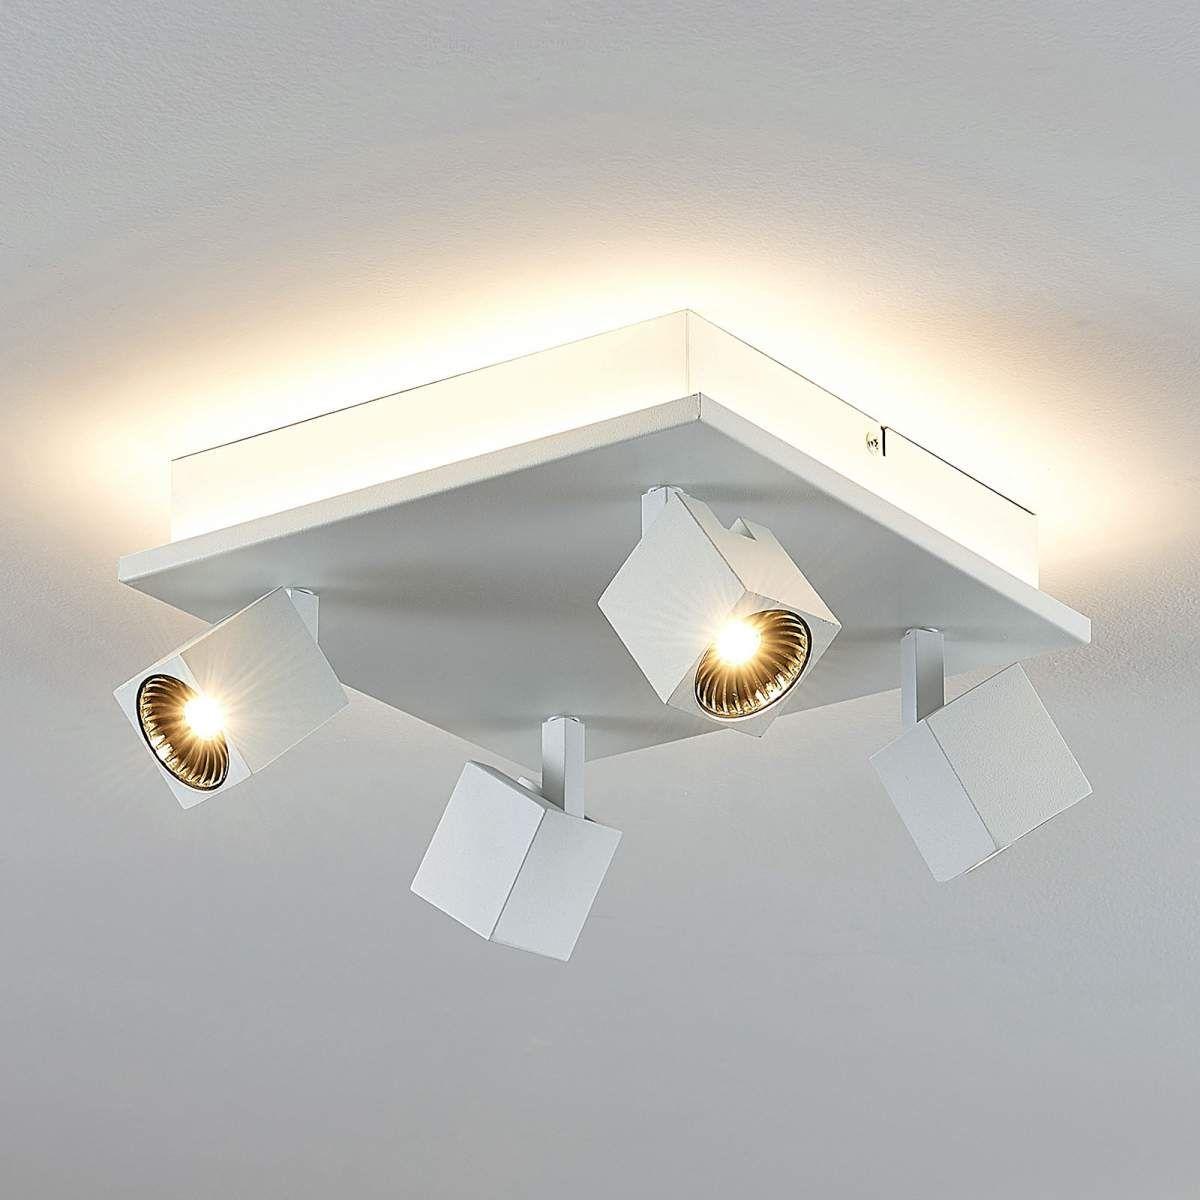 Deckenlampe Iluk Weiß Quadratisch 4 Strahler Lampenwelt Deckenleuchte Küche LED